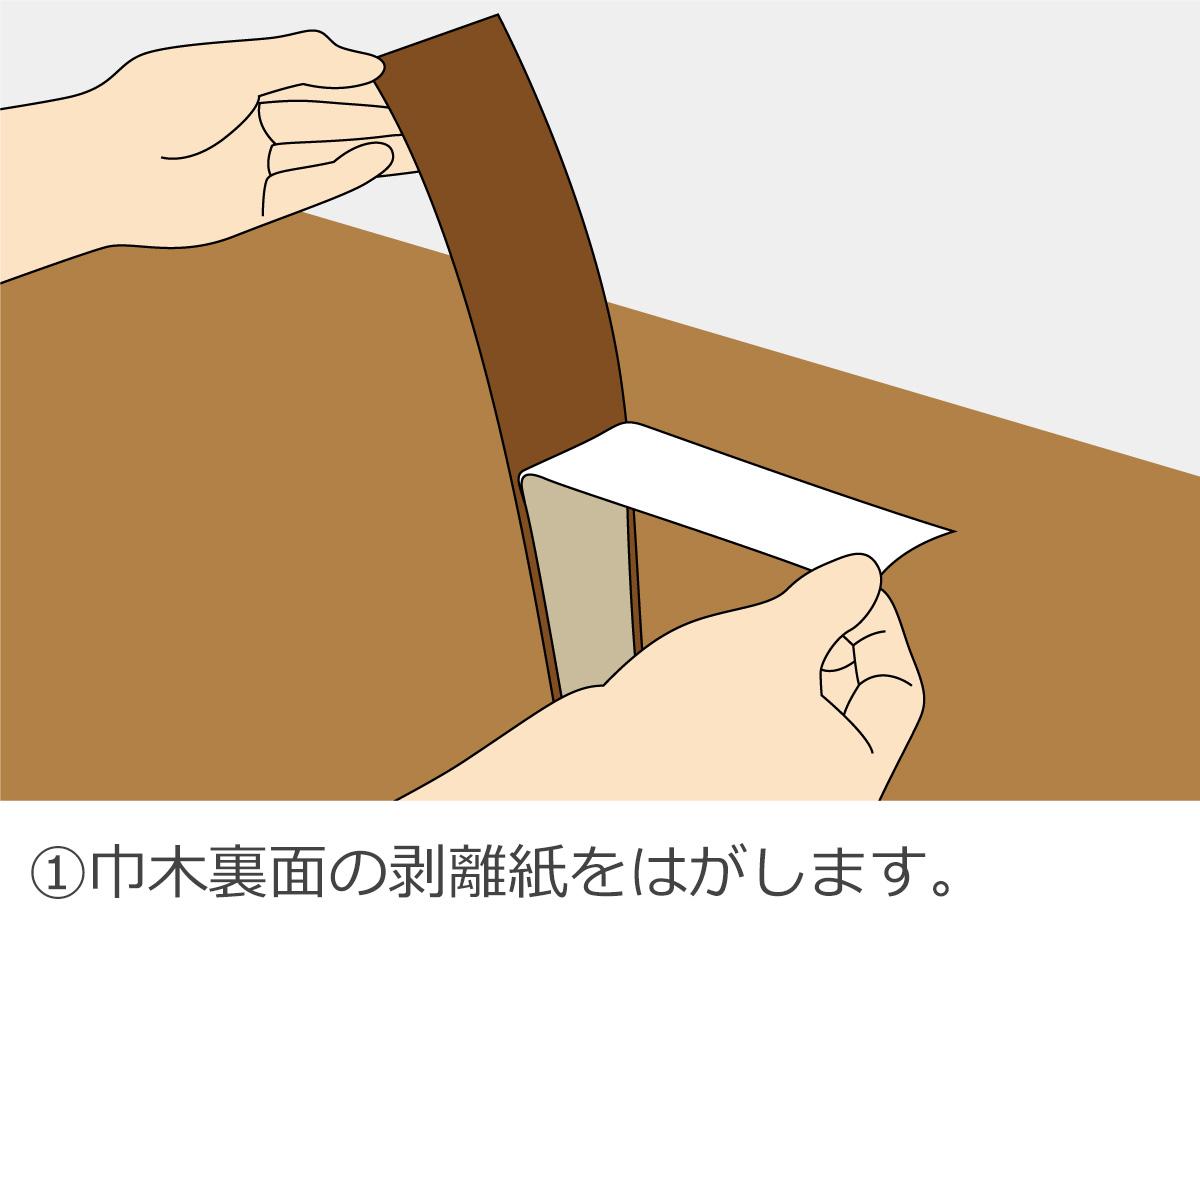 1・巾木裏面の剥離紙をはがします。